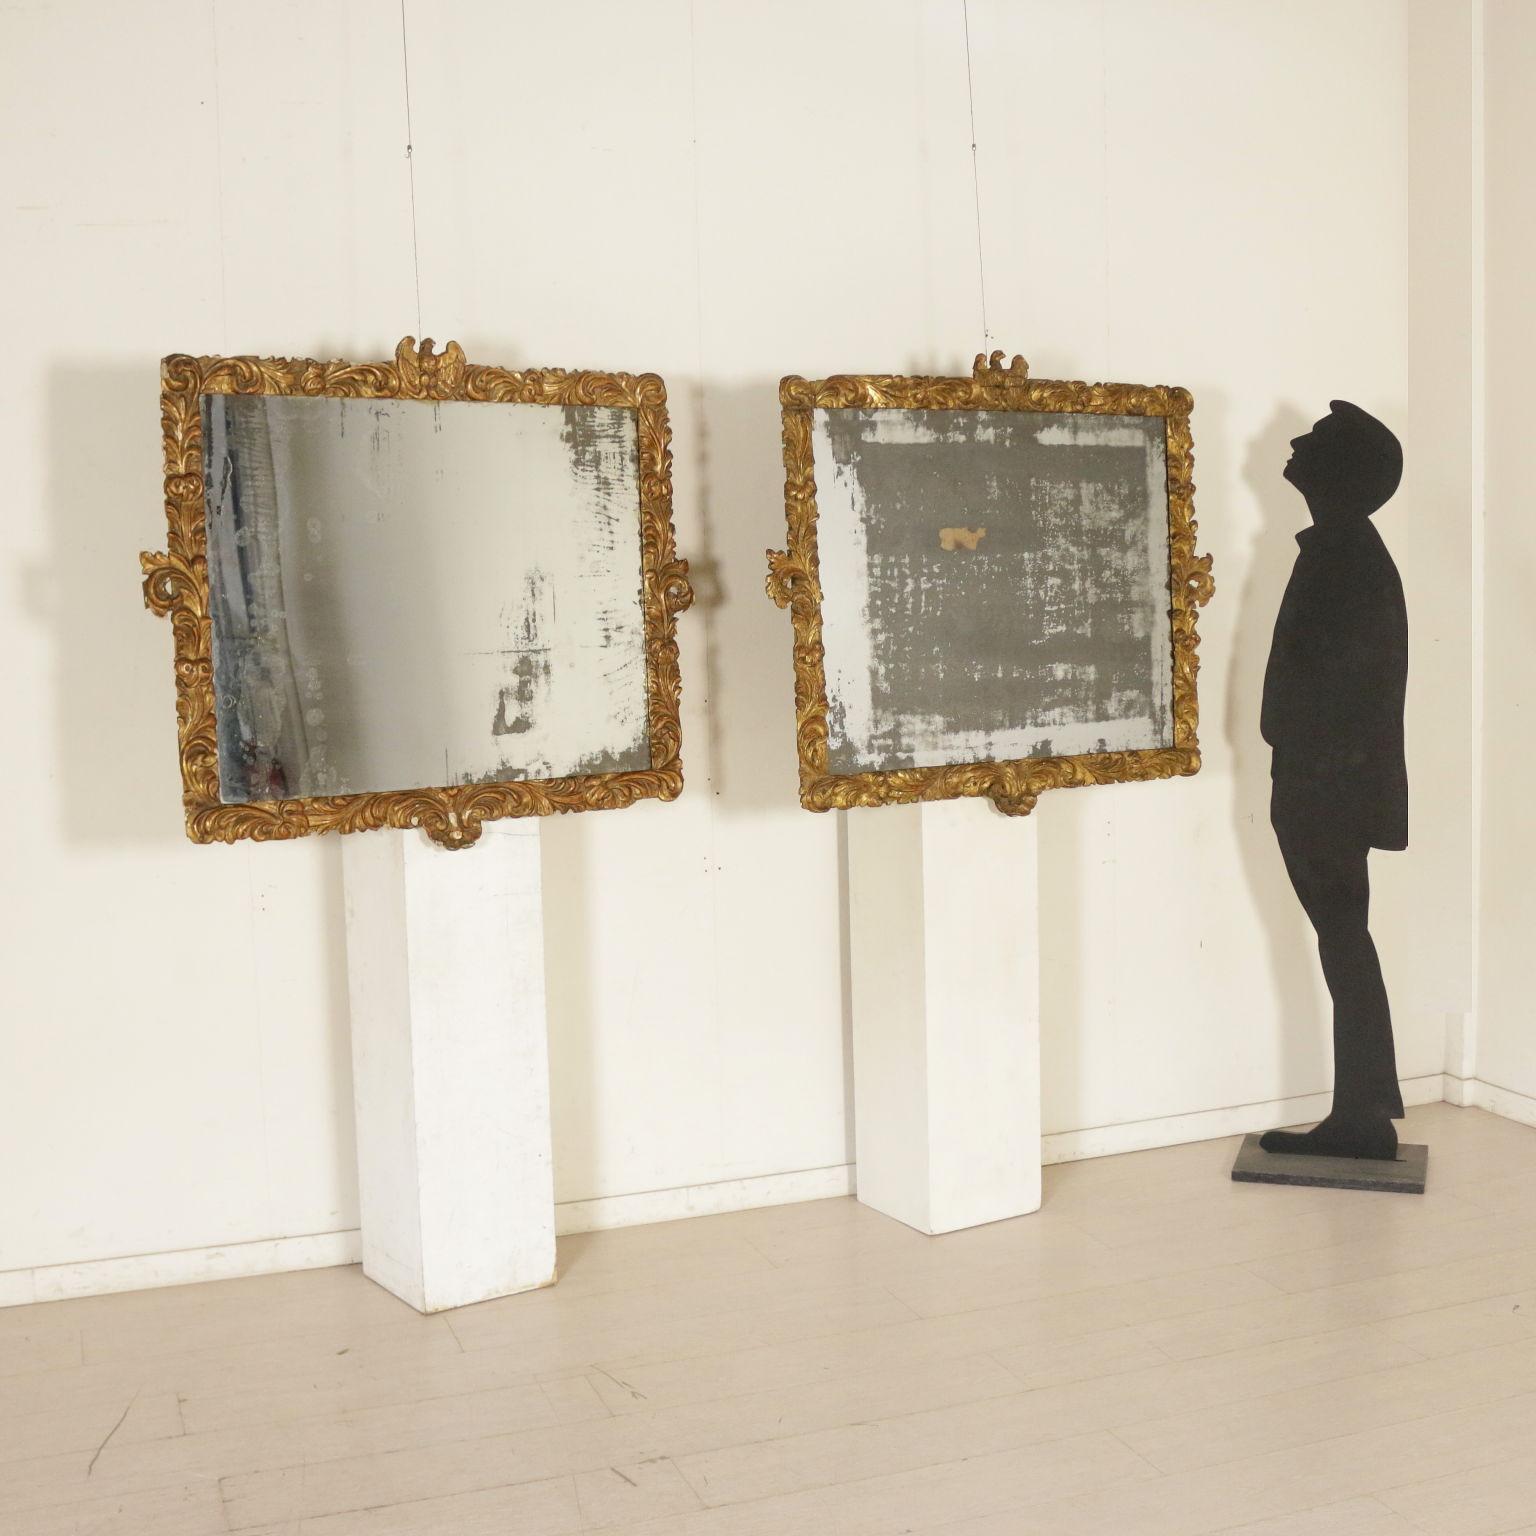 Paar, die mit Goldenen Rahmen - Spiegel und Rahmen - Antiquitäten ...